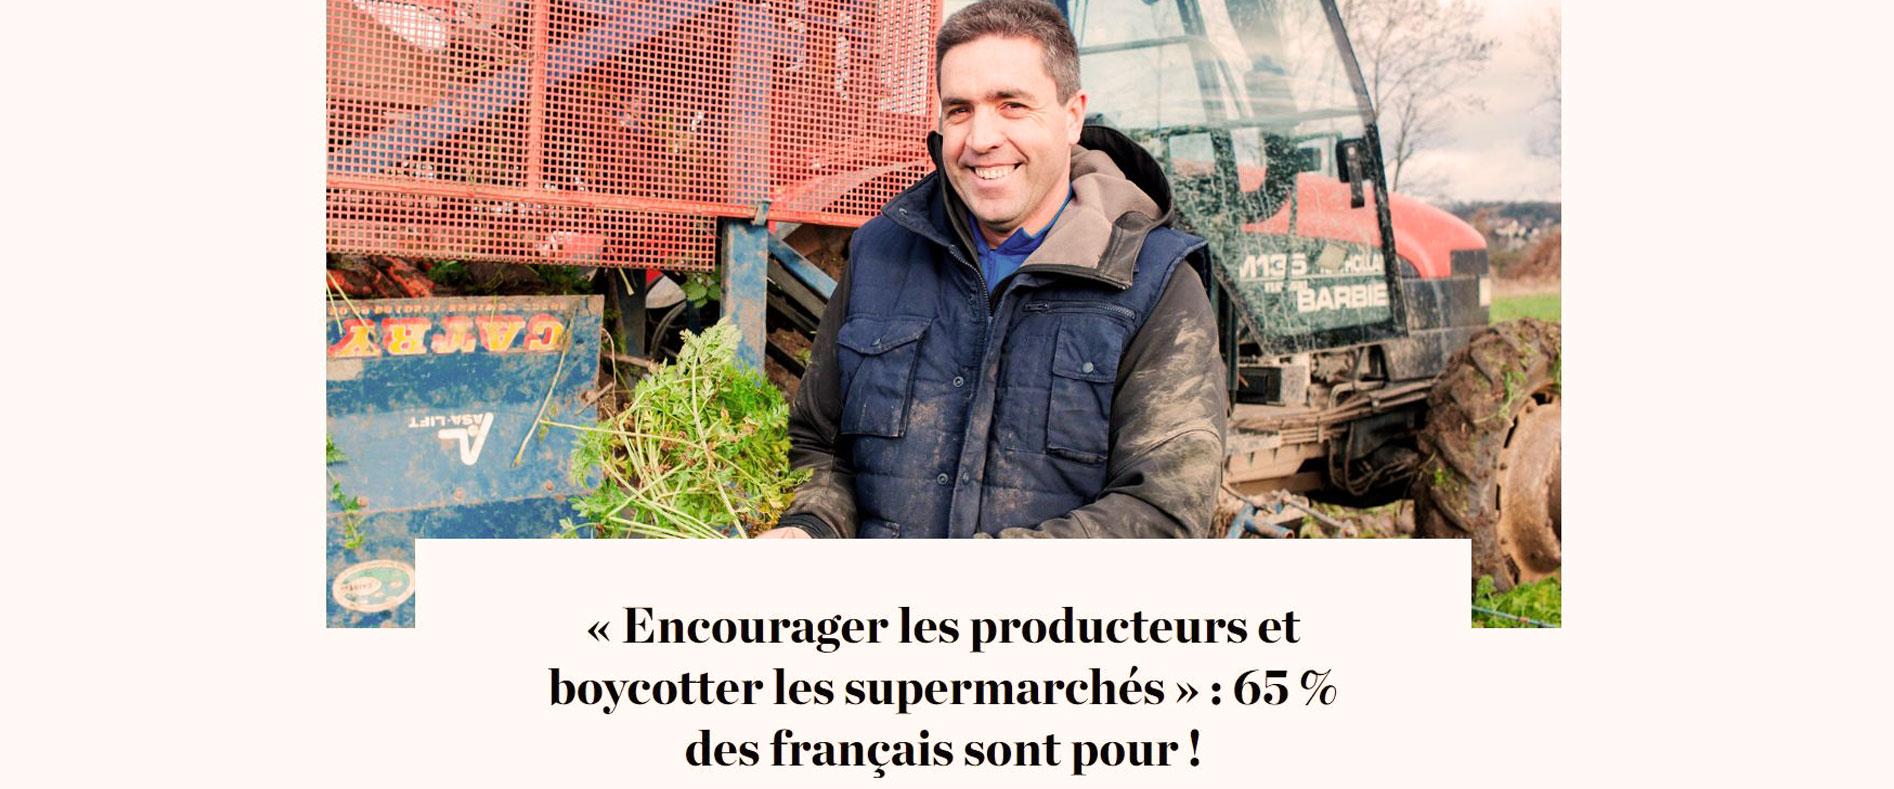 Boycotter les supermarchés par La Relève et La Peste.